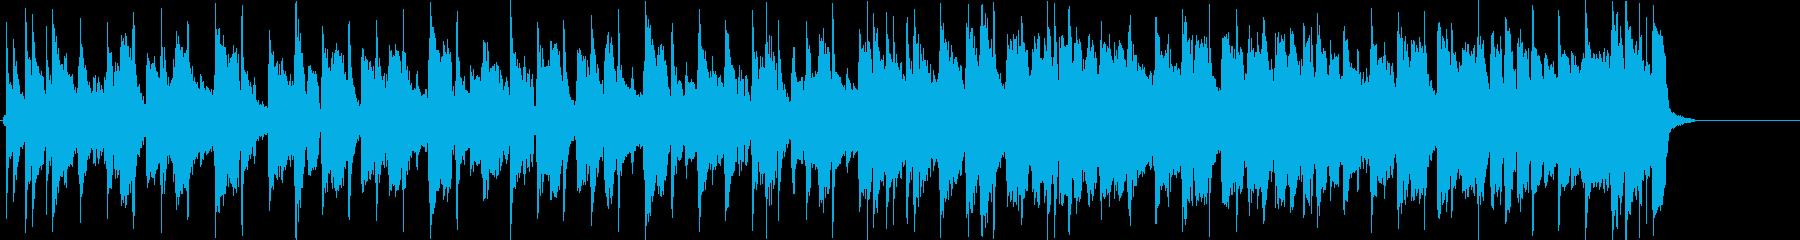 ブルース・ロック・インストゥルメン...の再生済みの波形